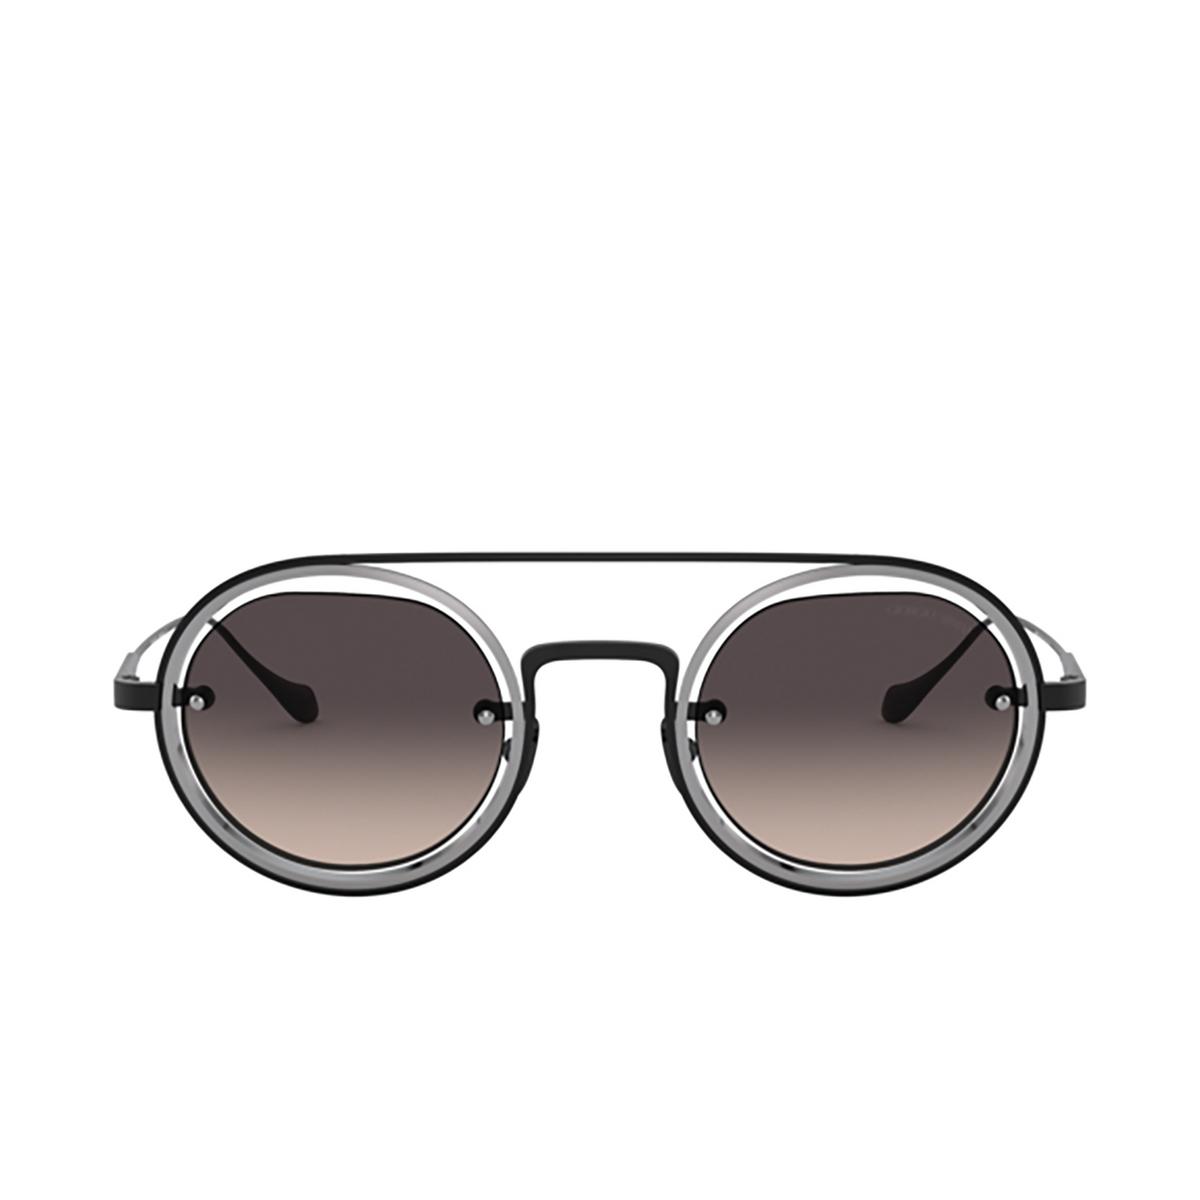 Giorgio Armani® Round Sunglasses: AR6085 color Matte Black / Gunmetal 326111 - front view.